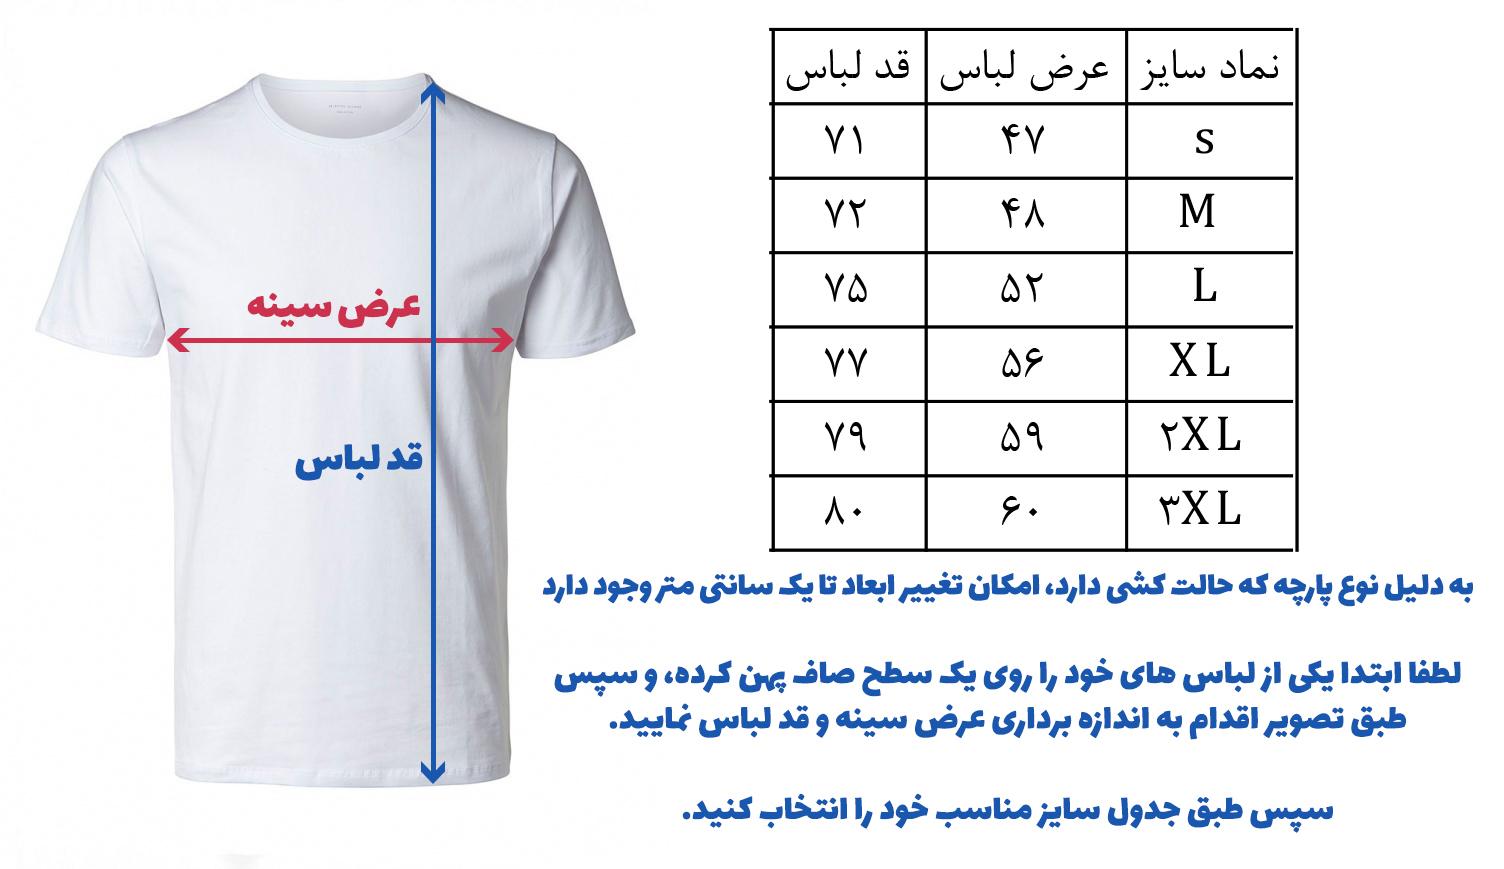 پیراهن افتخار باشگاه استقلال